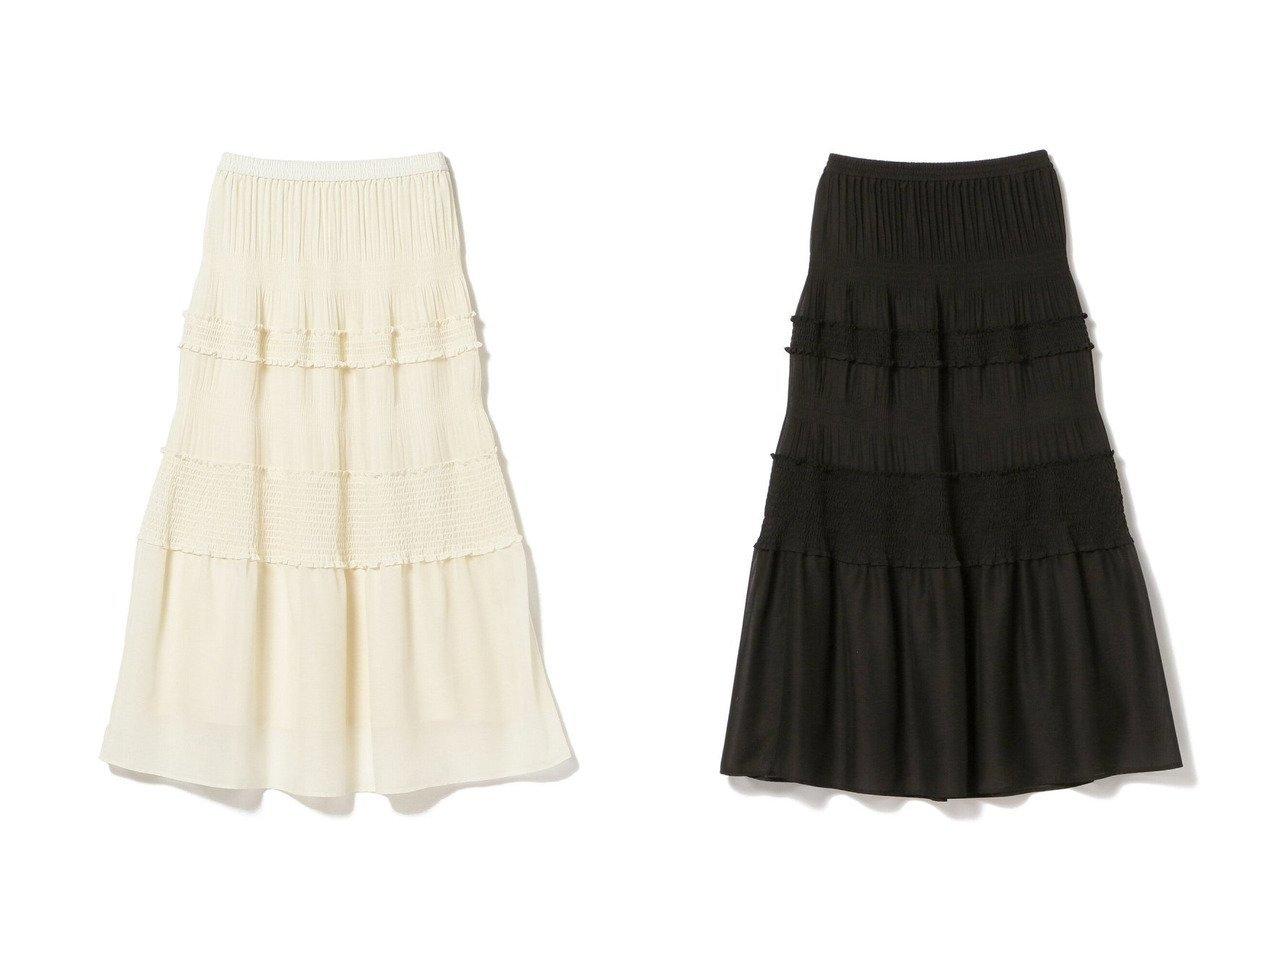 【Ray BEAMS/レイ ビームス】のプリーツ シャーリング スカート スカートのおすすめ!人気、トレンド・レディースファッションの通販 おすすめで人気の流行・トレンド、ファッションの通販商品 メンズファッション・キッズファッション・インテリア・家具・レディースファッション・服の通販 founy(ファニー) https://founy.com/ ファッション Fashion レディースファッション WOMEN スカート Skirt ロングスカート Long Skirt NEW・新作・新着・新入荷 New Arrivals シャーリング セットアップ フェミニン プリーツ ロング |ID:crp329100000014443